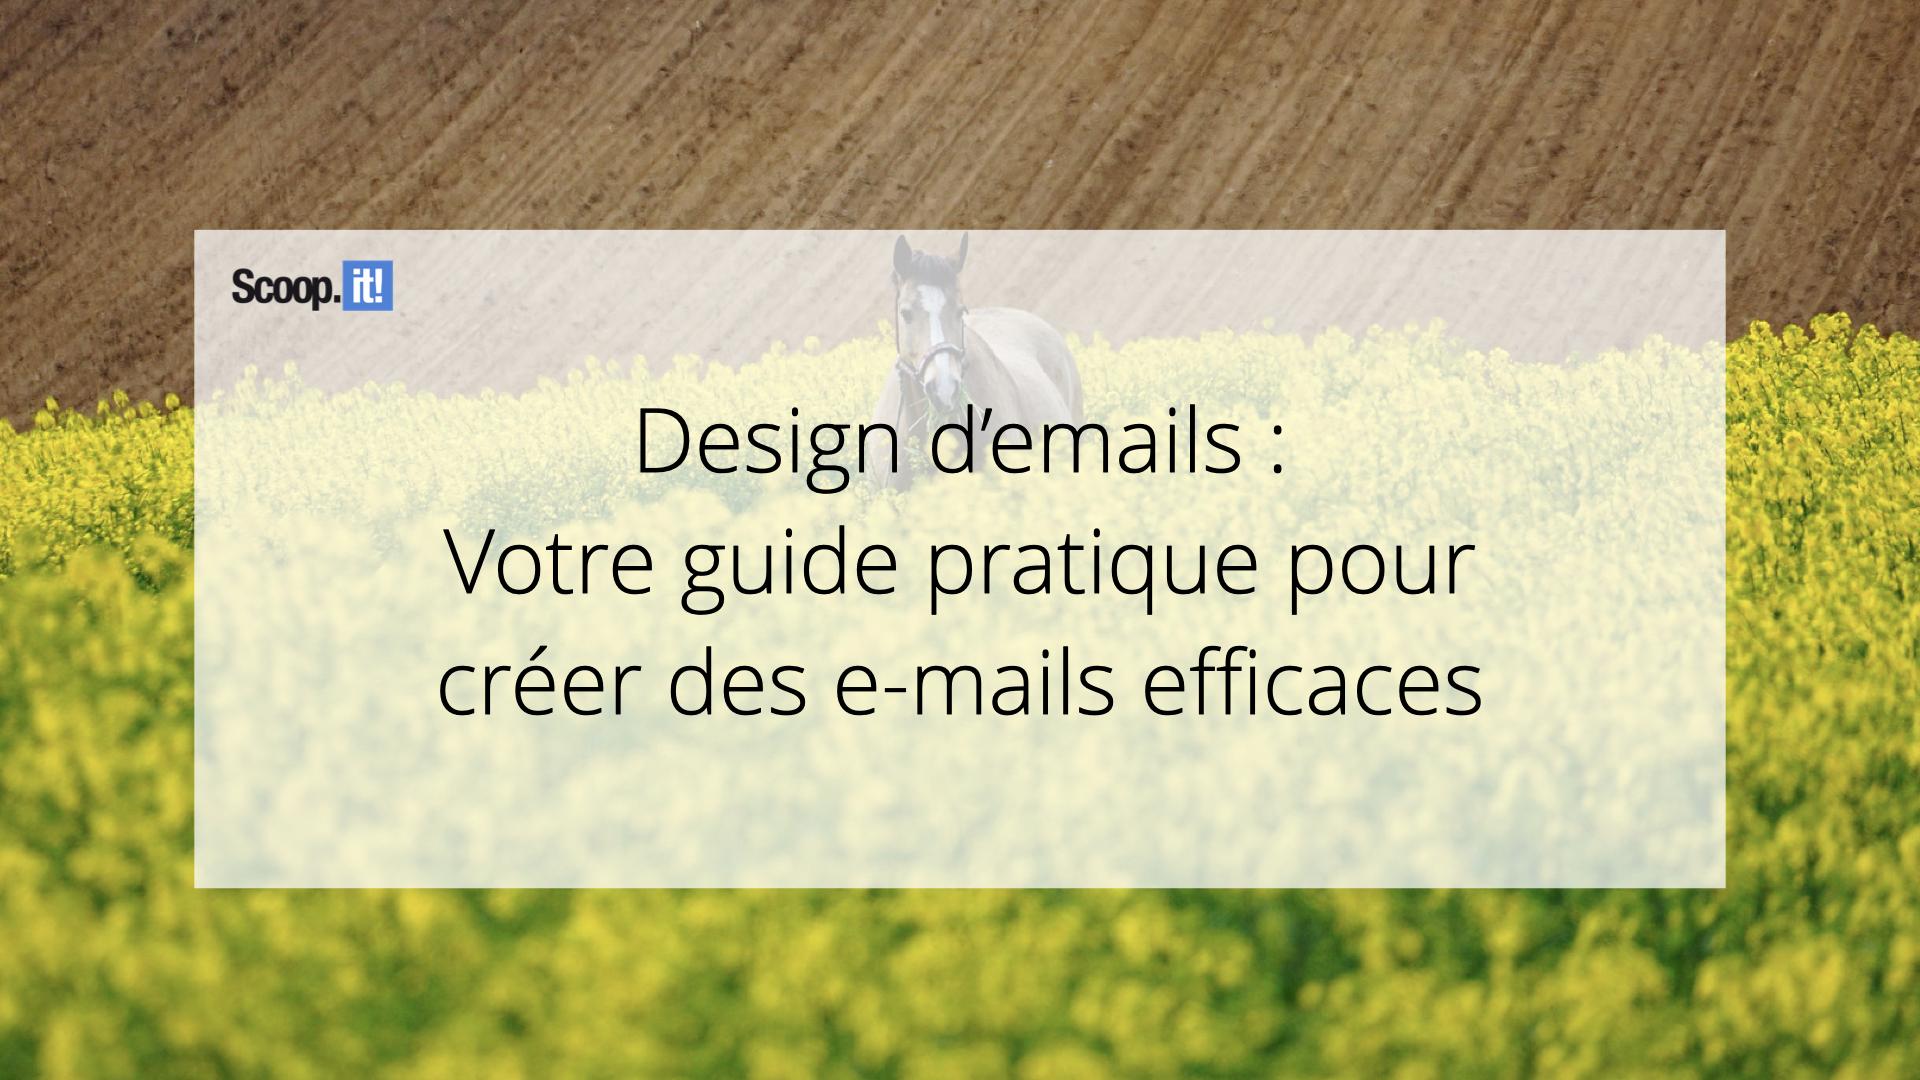 Design d'e-mails : votre guide pratique pour créer des e-mails efficaces